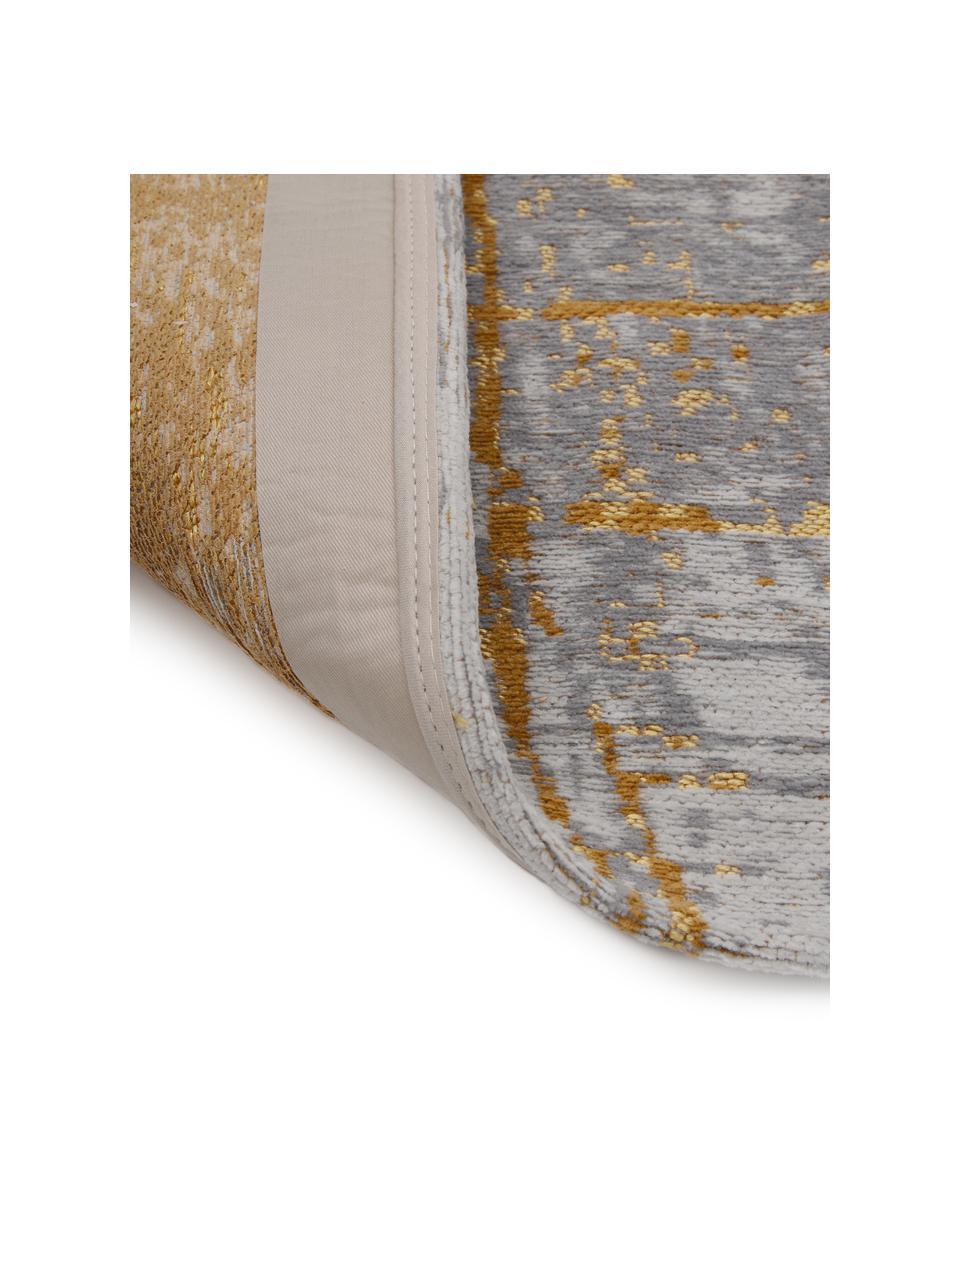 Tapis design à poils ras Griff, Gris, couleur dorée, blanc